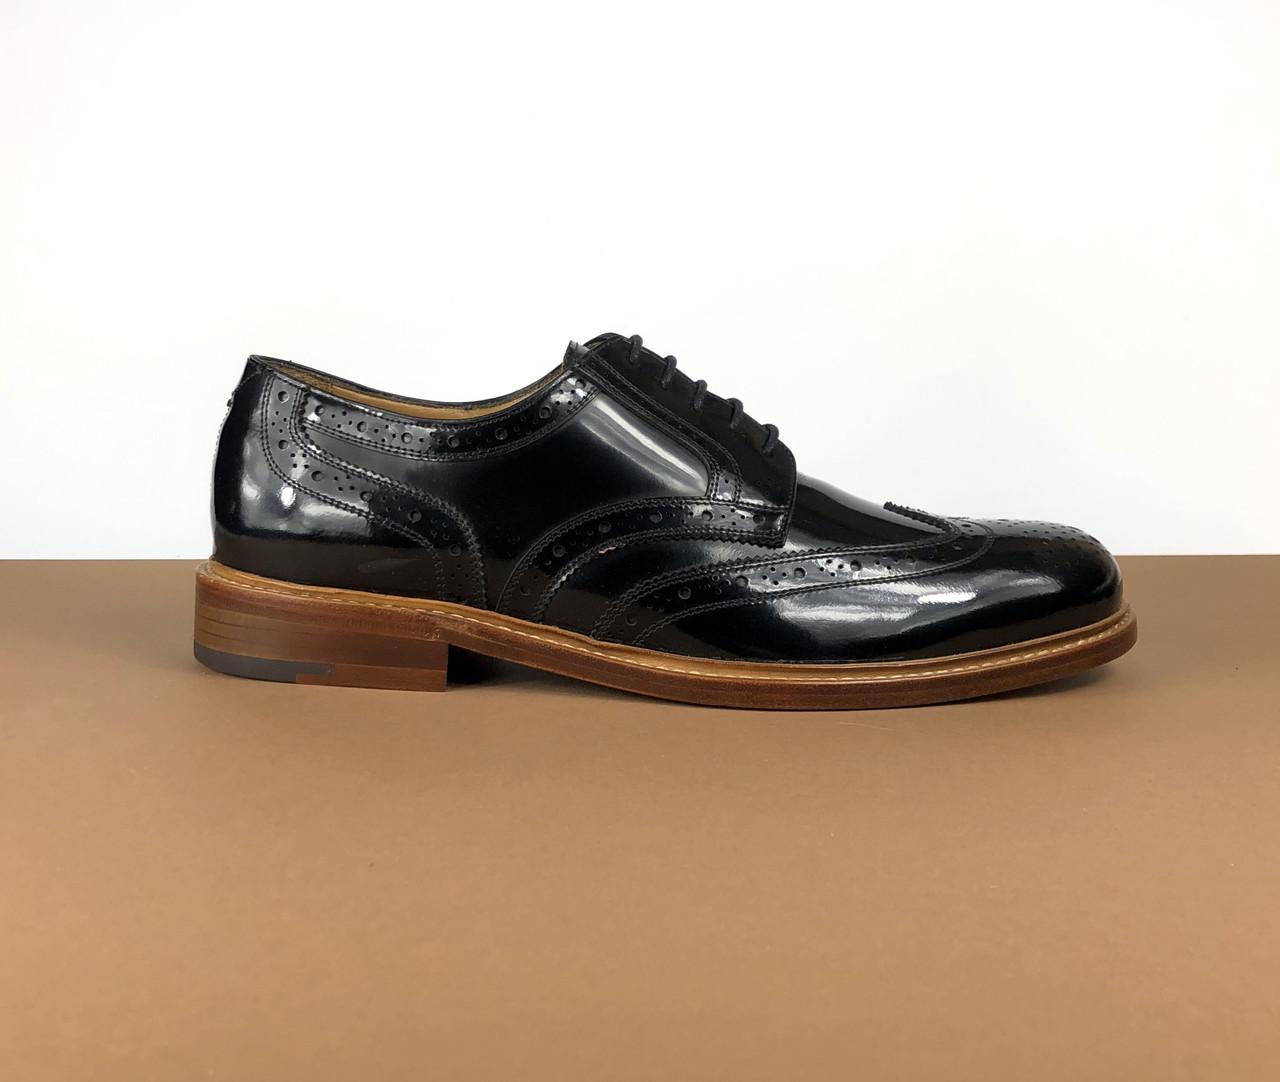 Мужские лакированные туфли Louis Vuitton (Луи Виттон) арт. 39-08